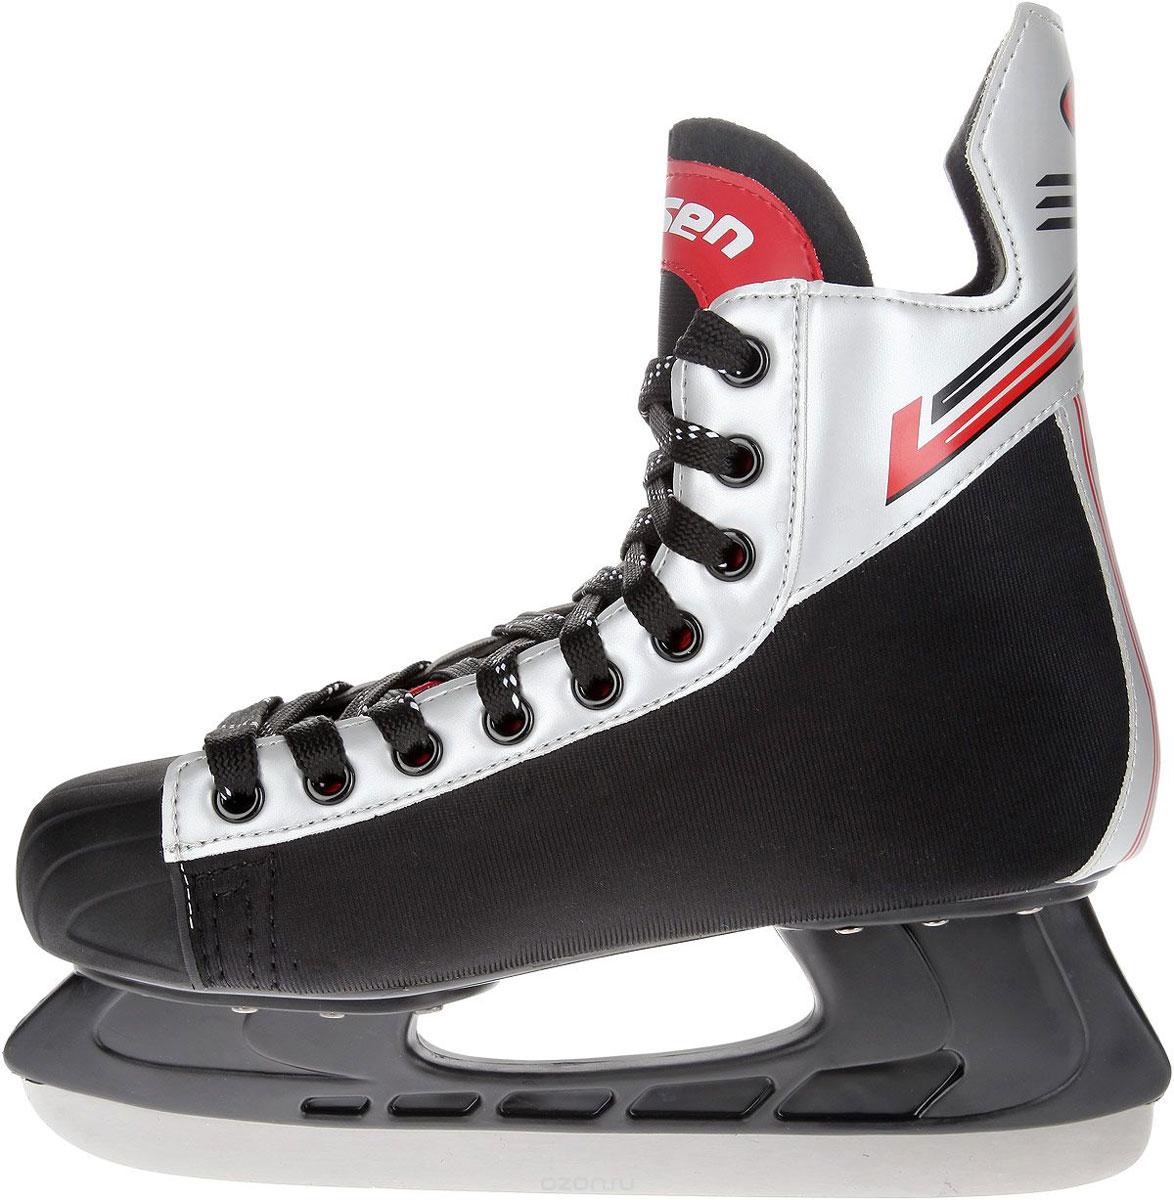 Коньки хоккейные мужские Larsen Alex, цвет: черный, серебристый, красный. Размер 36Atemi Force 3.0 2012 Black-GrayСтильные коньки Alex от Larsen прекрасно подойдут для начинающих игроков в хоккей. Ботиноквыполнен из нейлона и морозоустойчивого поливинилхлорида. Мыс дополнен вставкой изполиуретана, которая защитит ноги от ударов. Внутренний слой изготовлен из мягкого текстиля,который обеспечит тепло и комфорт во время катания, язычок - из войлока. Плотная шнуровканадежно фиксирует модель на ноге. Голеностоп имеет удобный суппорт. Стелька из EVA стекстильной поверхностью обеспечит комфортное катание. Стойка выполнена изударопрочного полипропилена. Лезвие из нержавеющей стали обеспечит превосходноескольжение. В комплект входят пластиковые чехлы для лезвий.